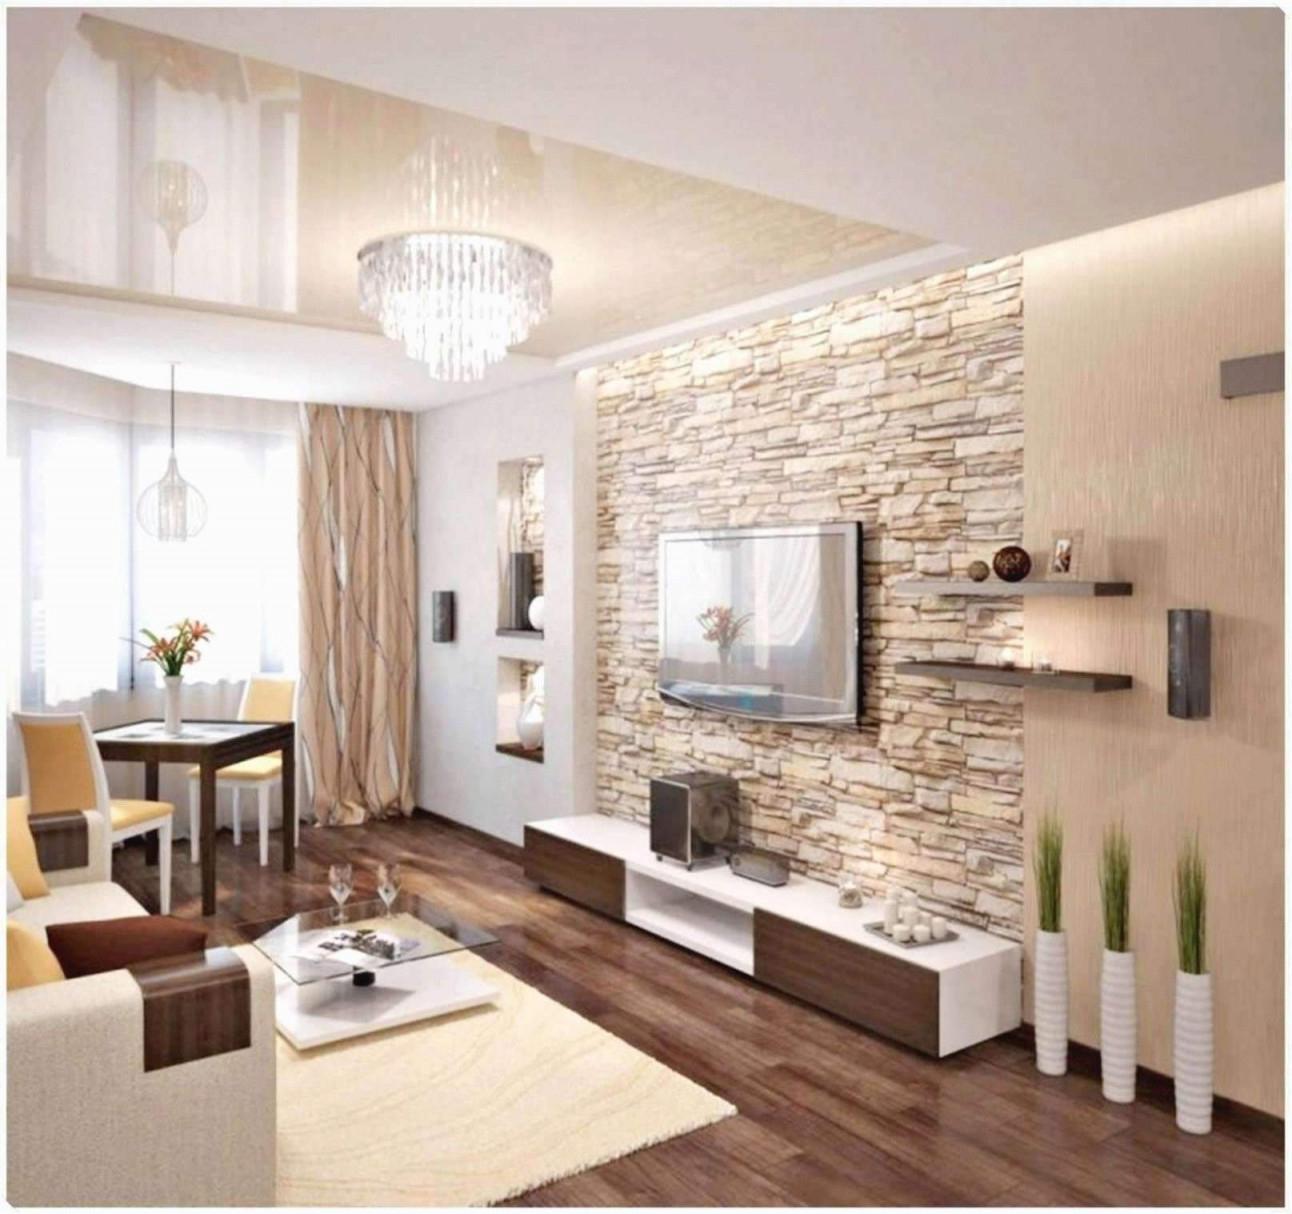 27 Schön Wohnzimmer Neu Gestalten Vorher Nachher Reizend von Wohnzimmer Neu Gestalten Ideen Bild